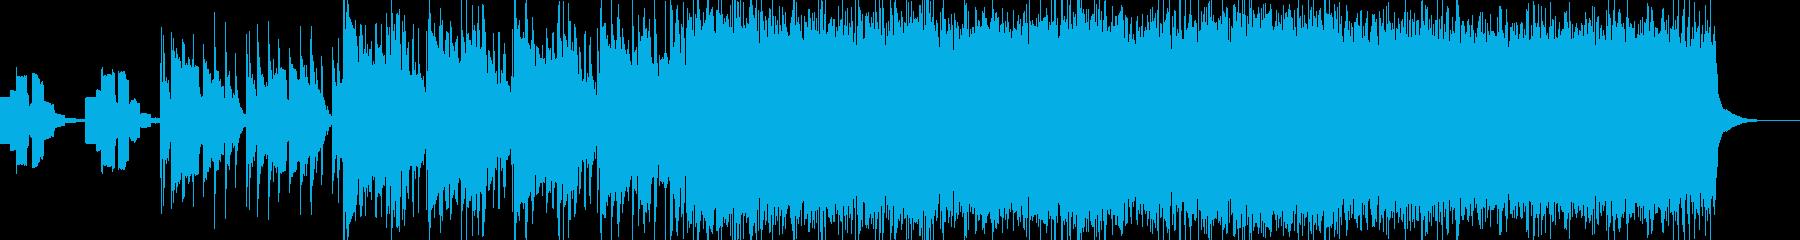 アニソン風ロックの曲の再生済みの波形